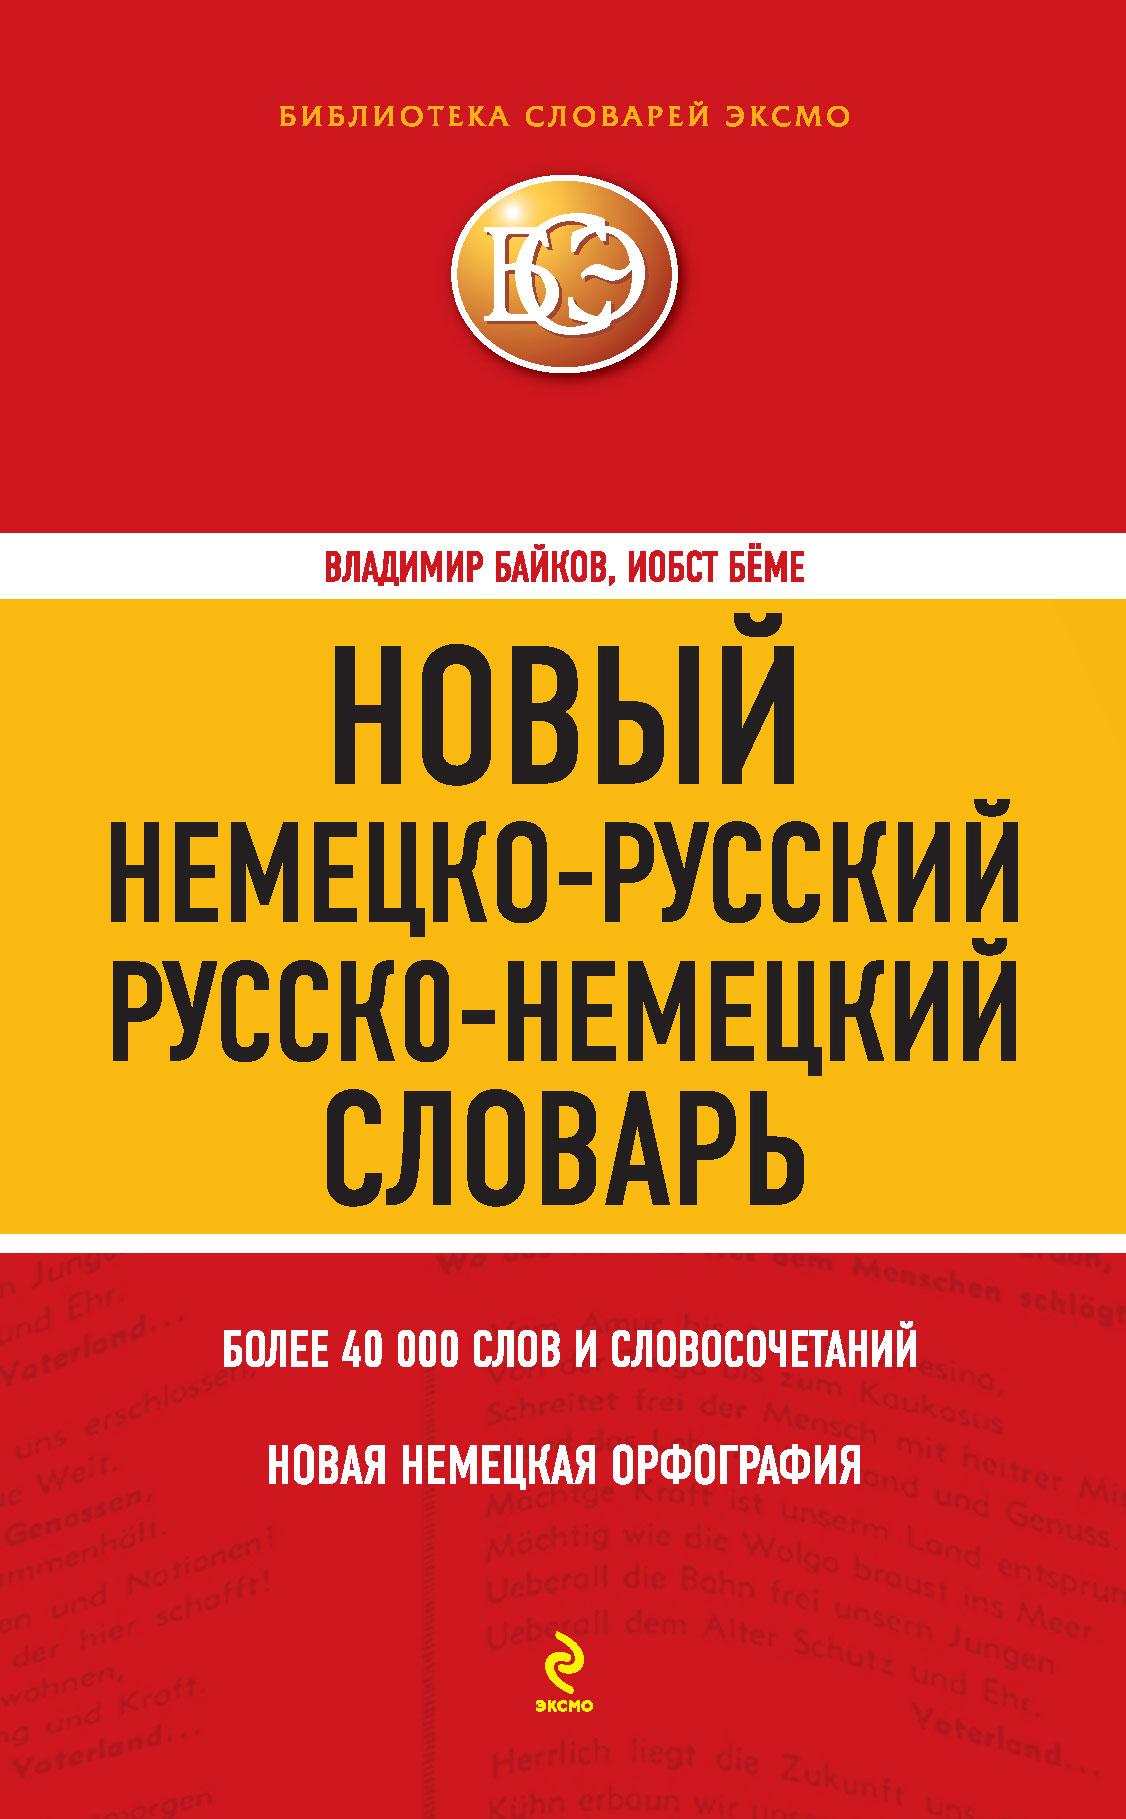 Владимир Байков Новый немецко-русский, русско-немецкий словарь. 40000 слов и словосочетаний